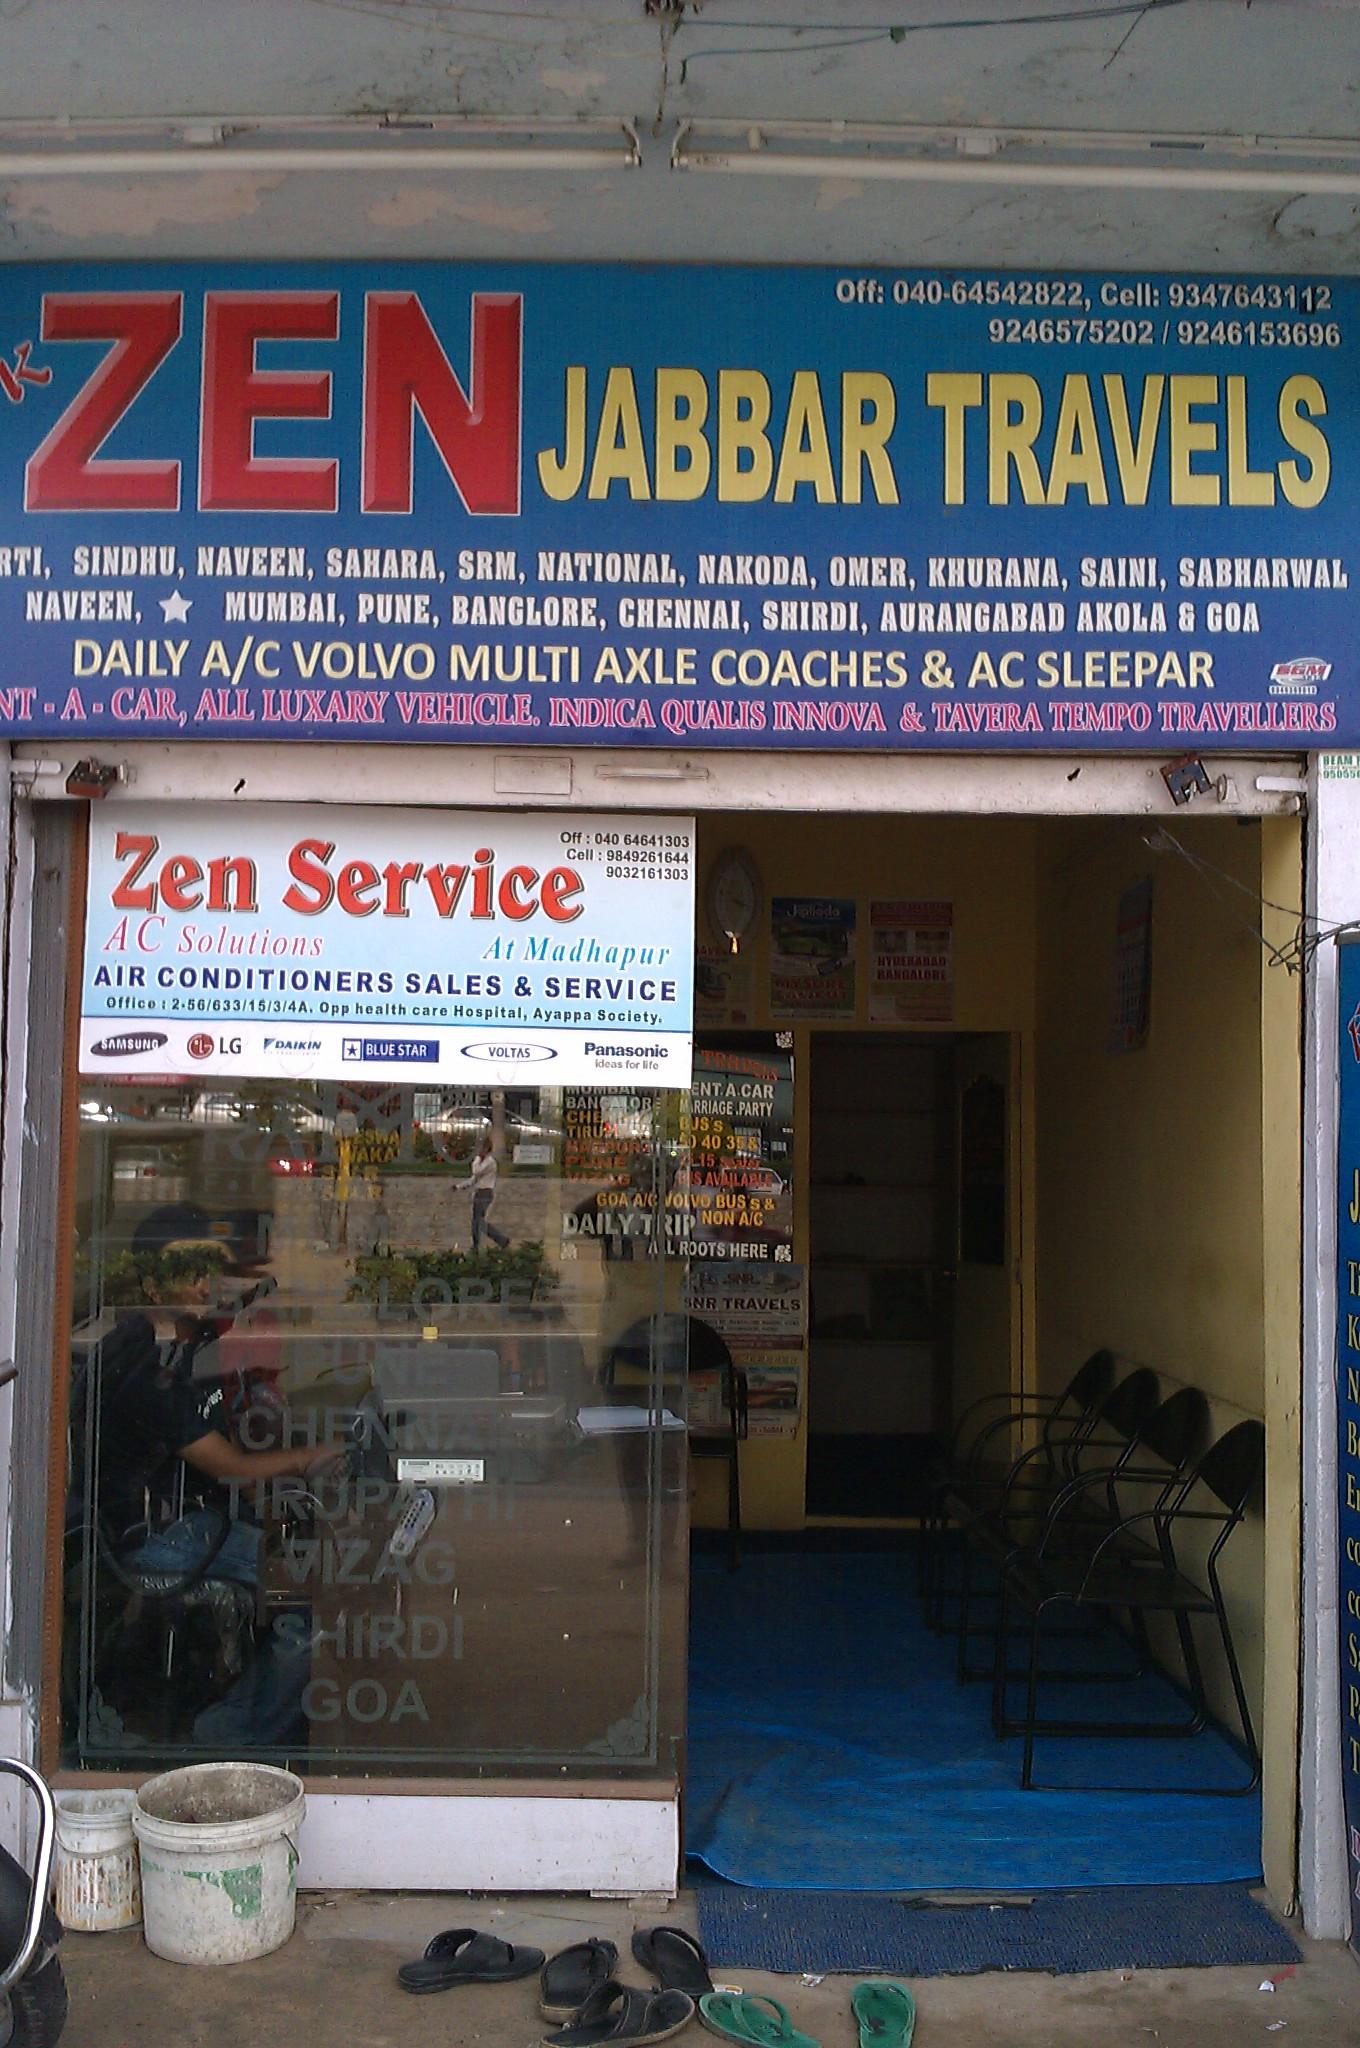 Zen Jabbar Tours & Travels